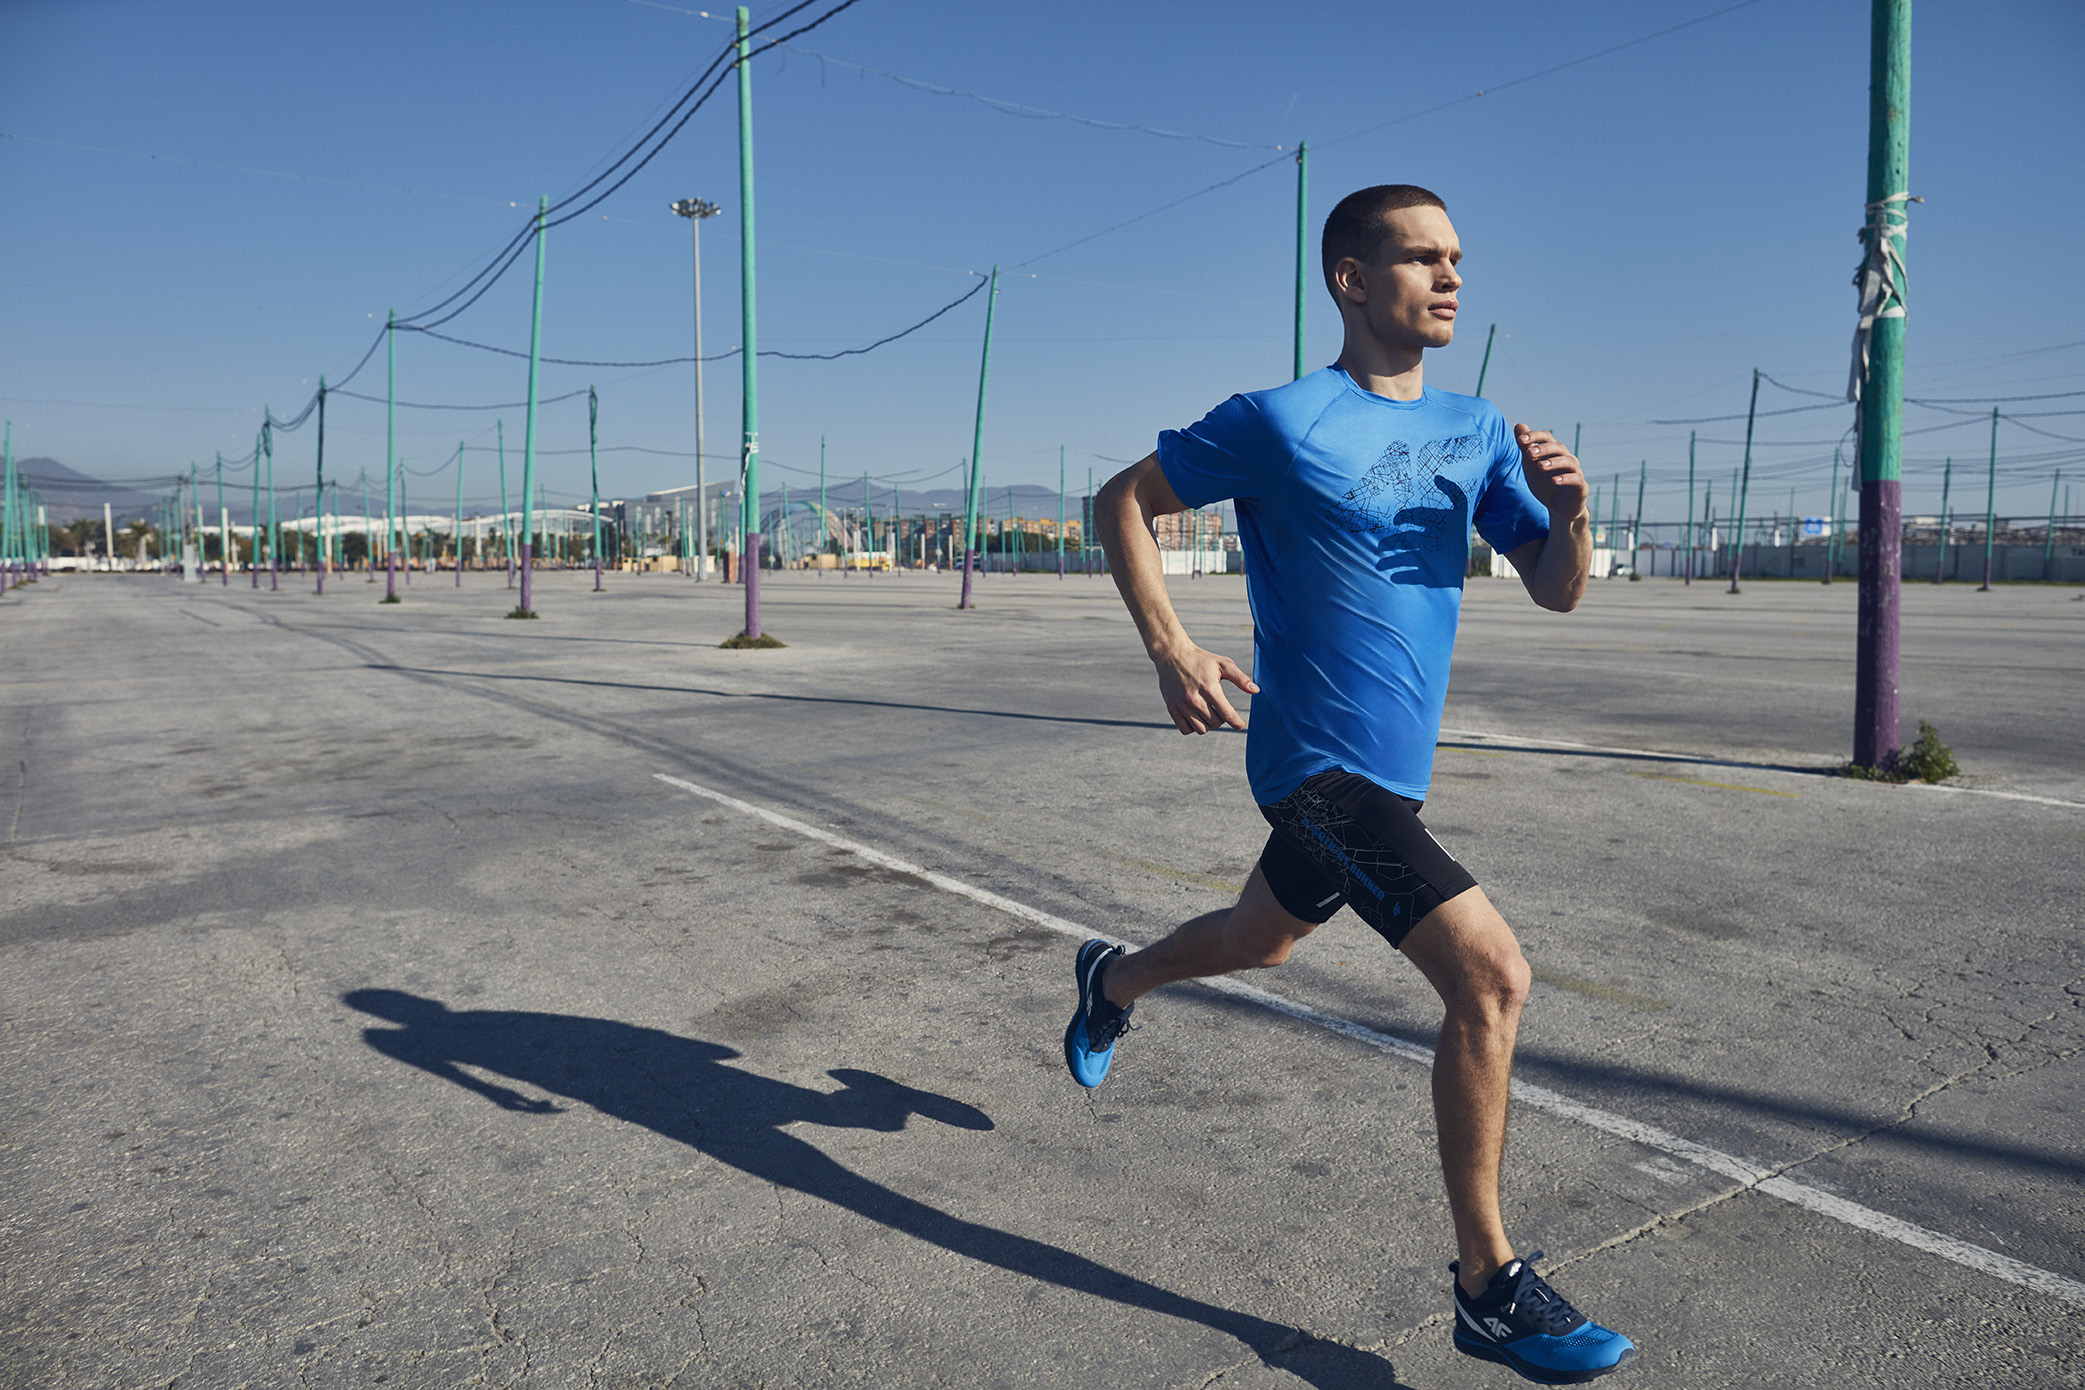 Bėgimas dėl sveikatos